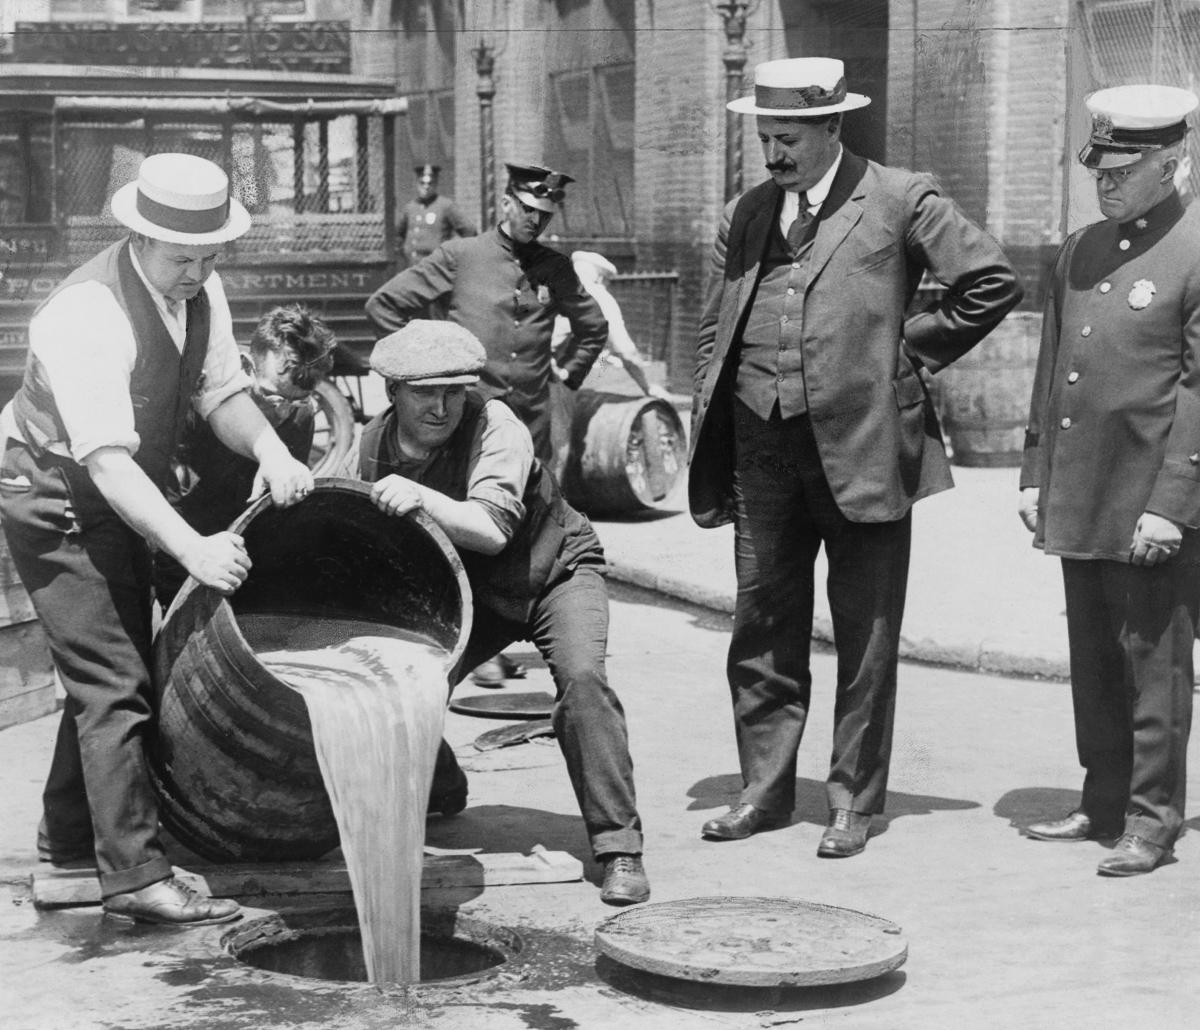 сухой закон, история США, уничтожение спиртного, выпивка-9